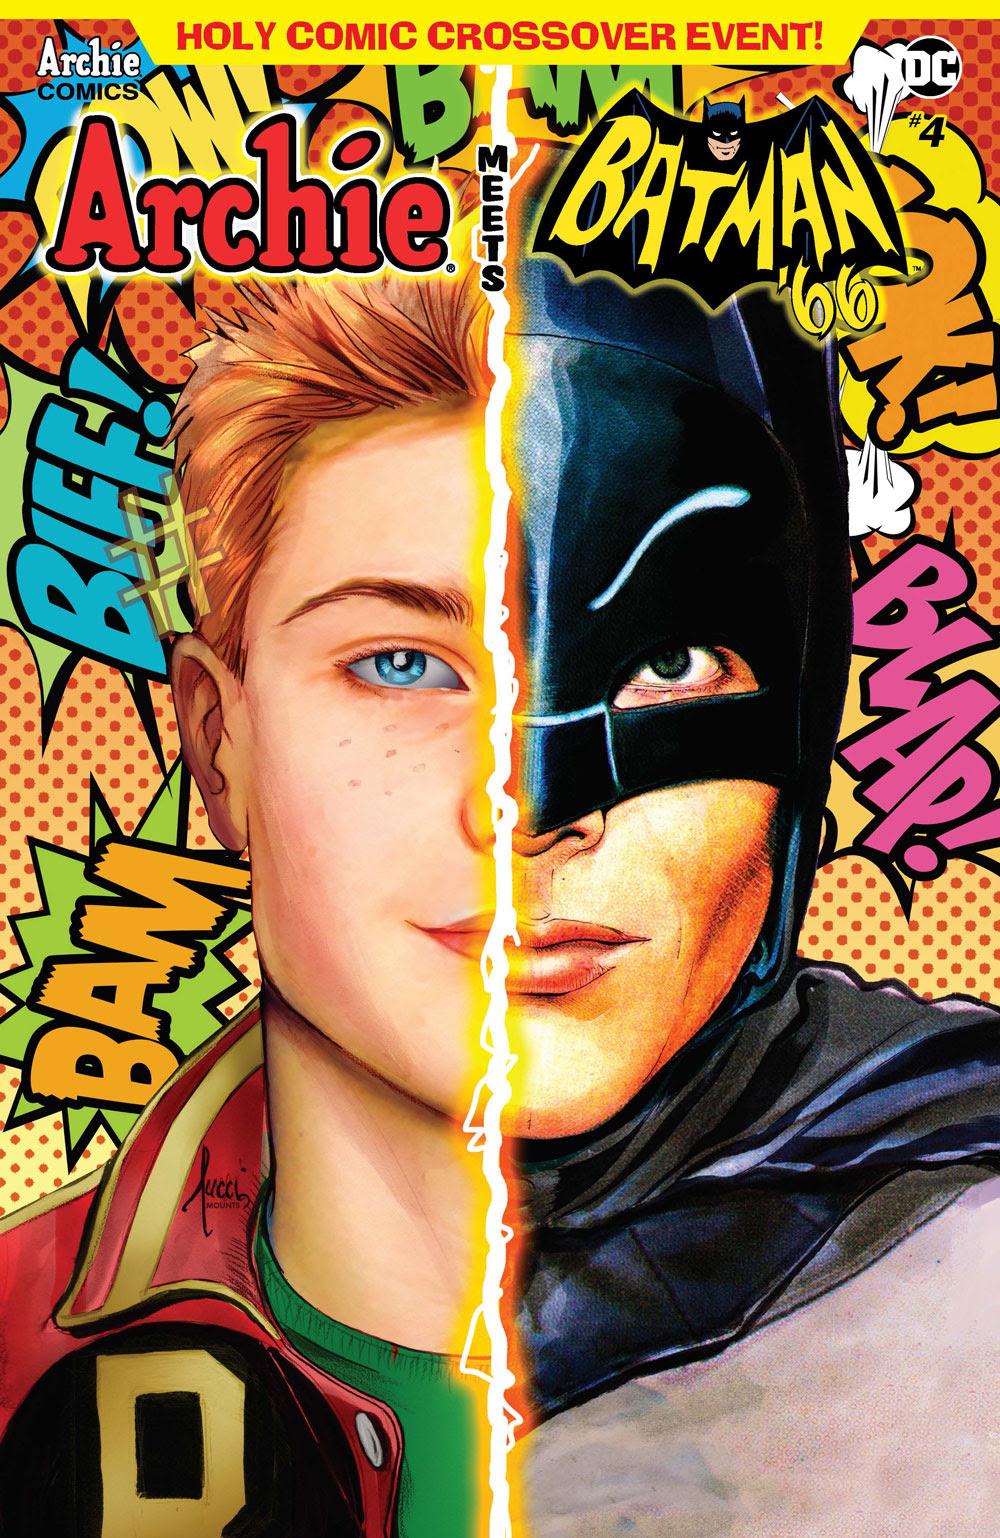 Archie Meets Batman '66 #4: CVR E Tucci